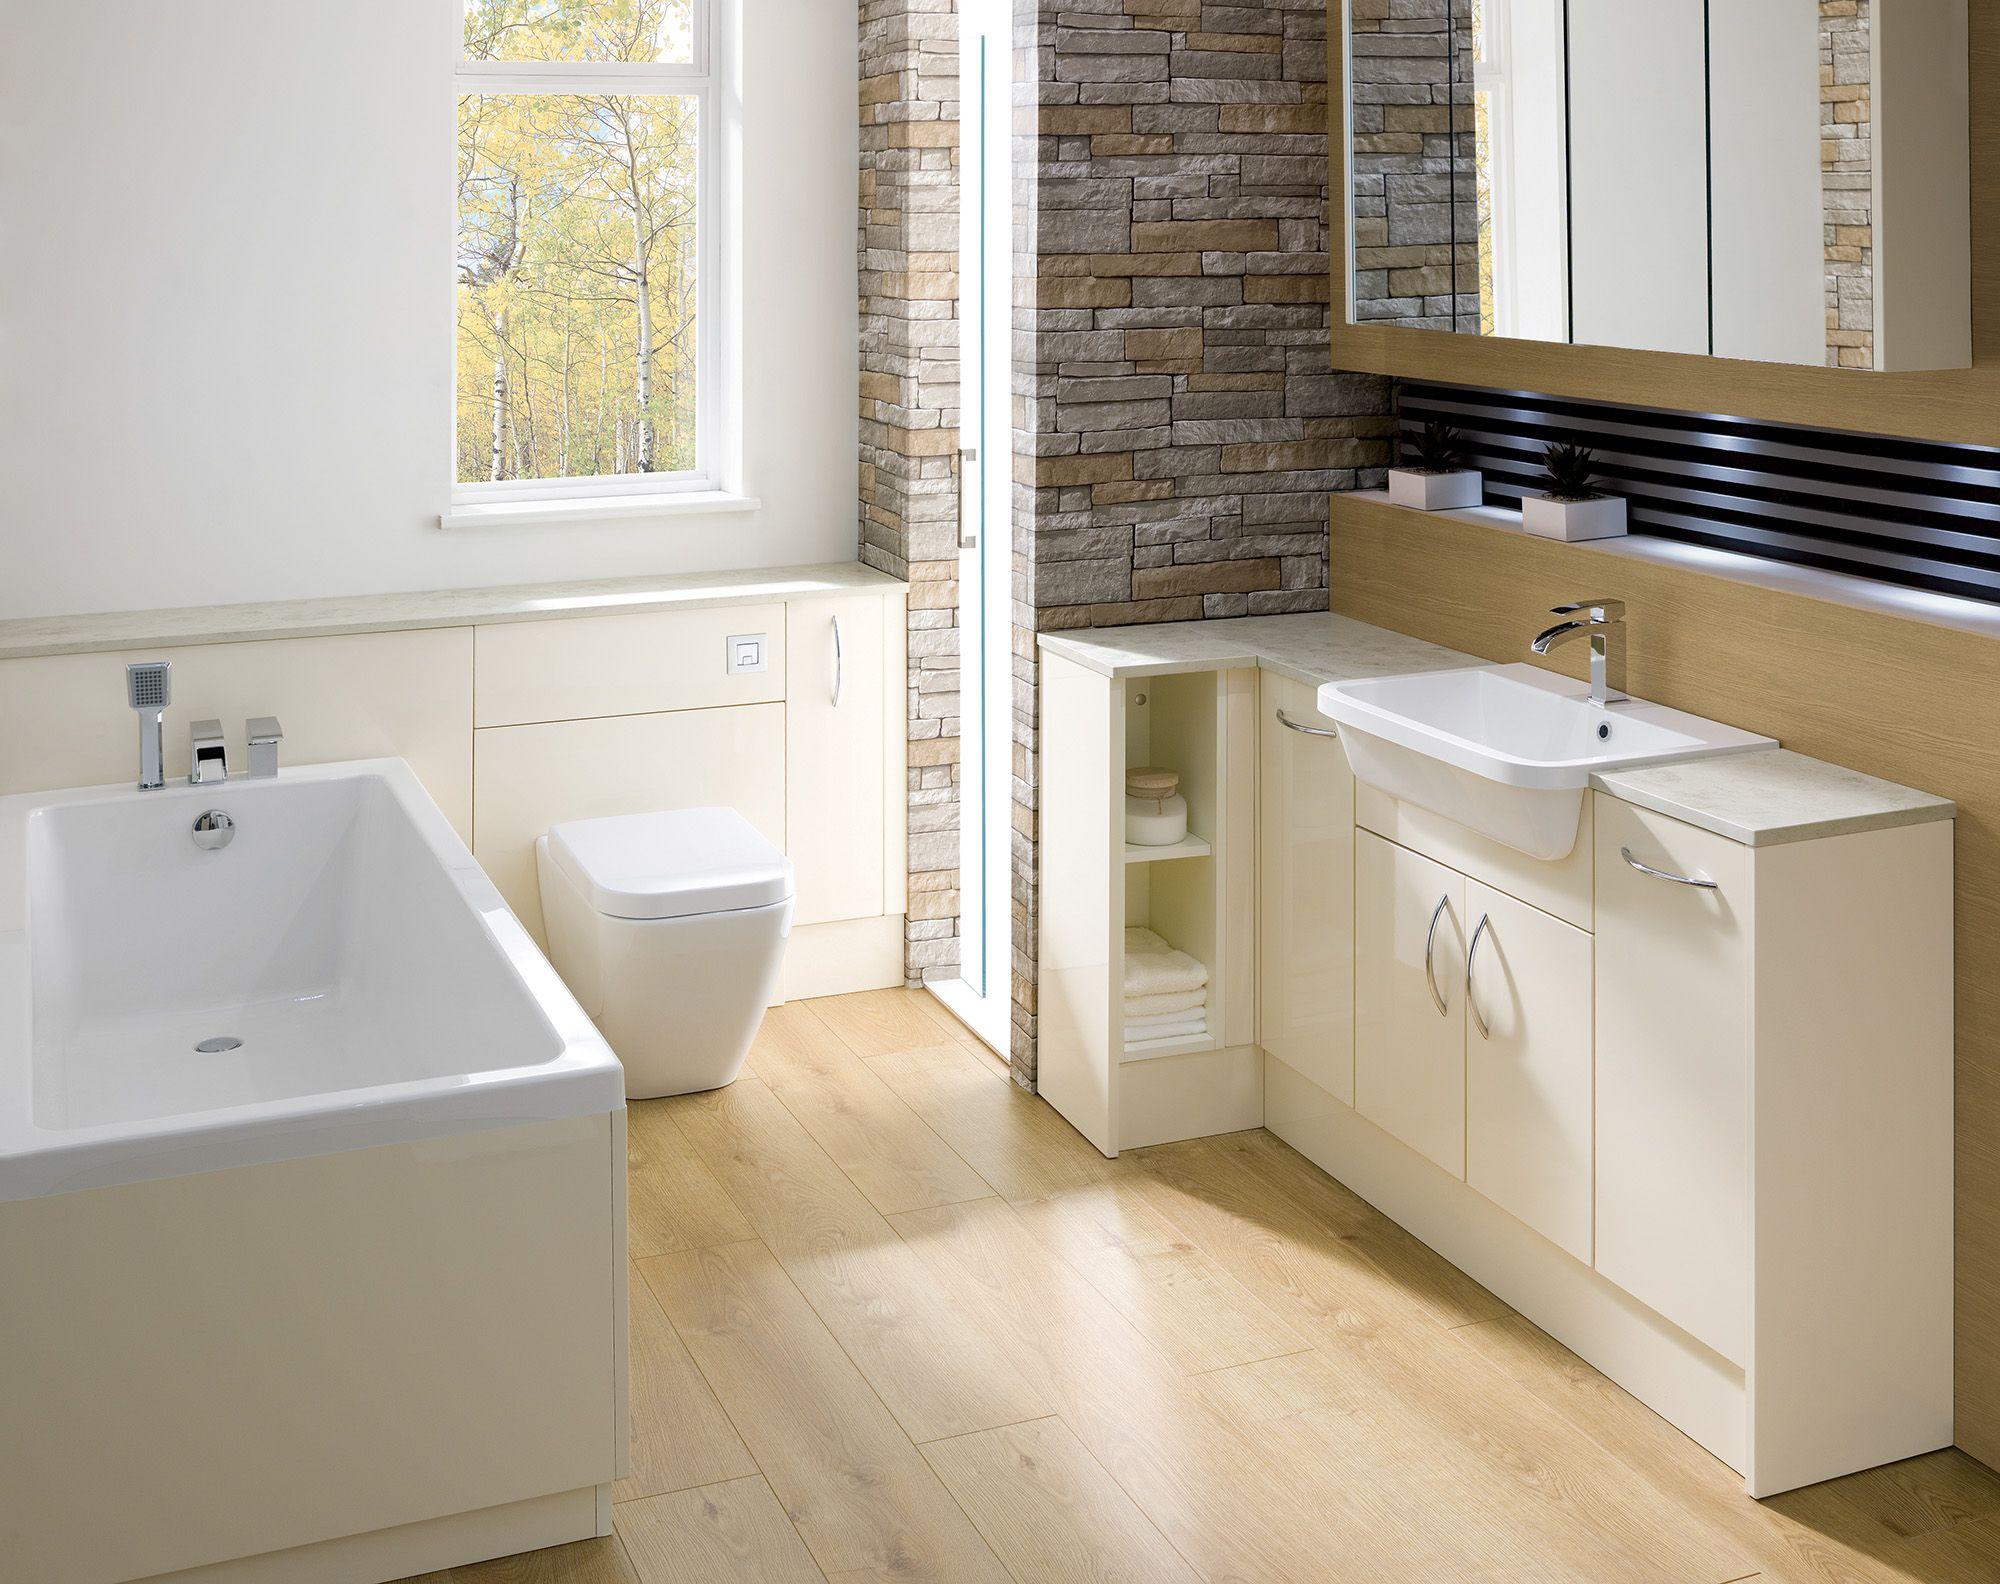 Calypso Cream Bathroom Furniture Cream Bathroom Furniture Fitted Bathroom Furniture Bathroom Showrooms